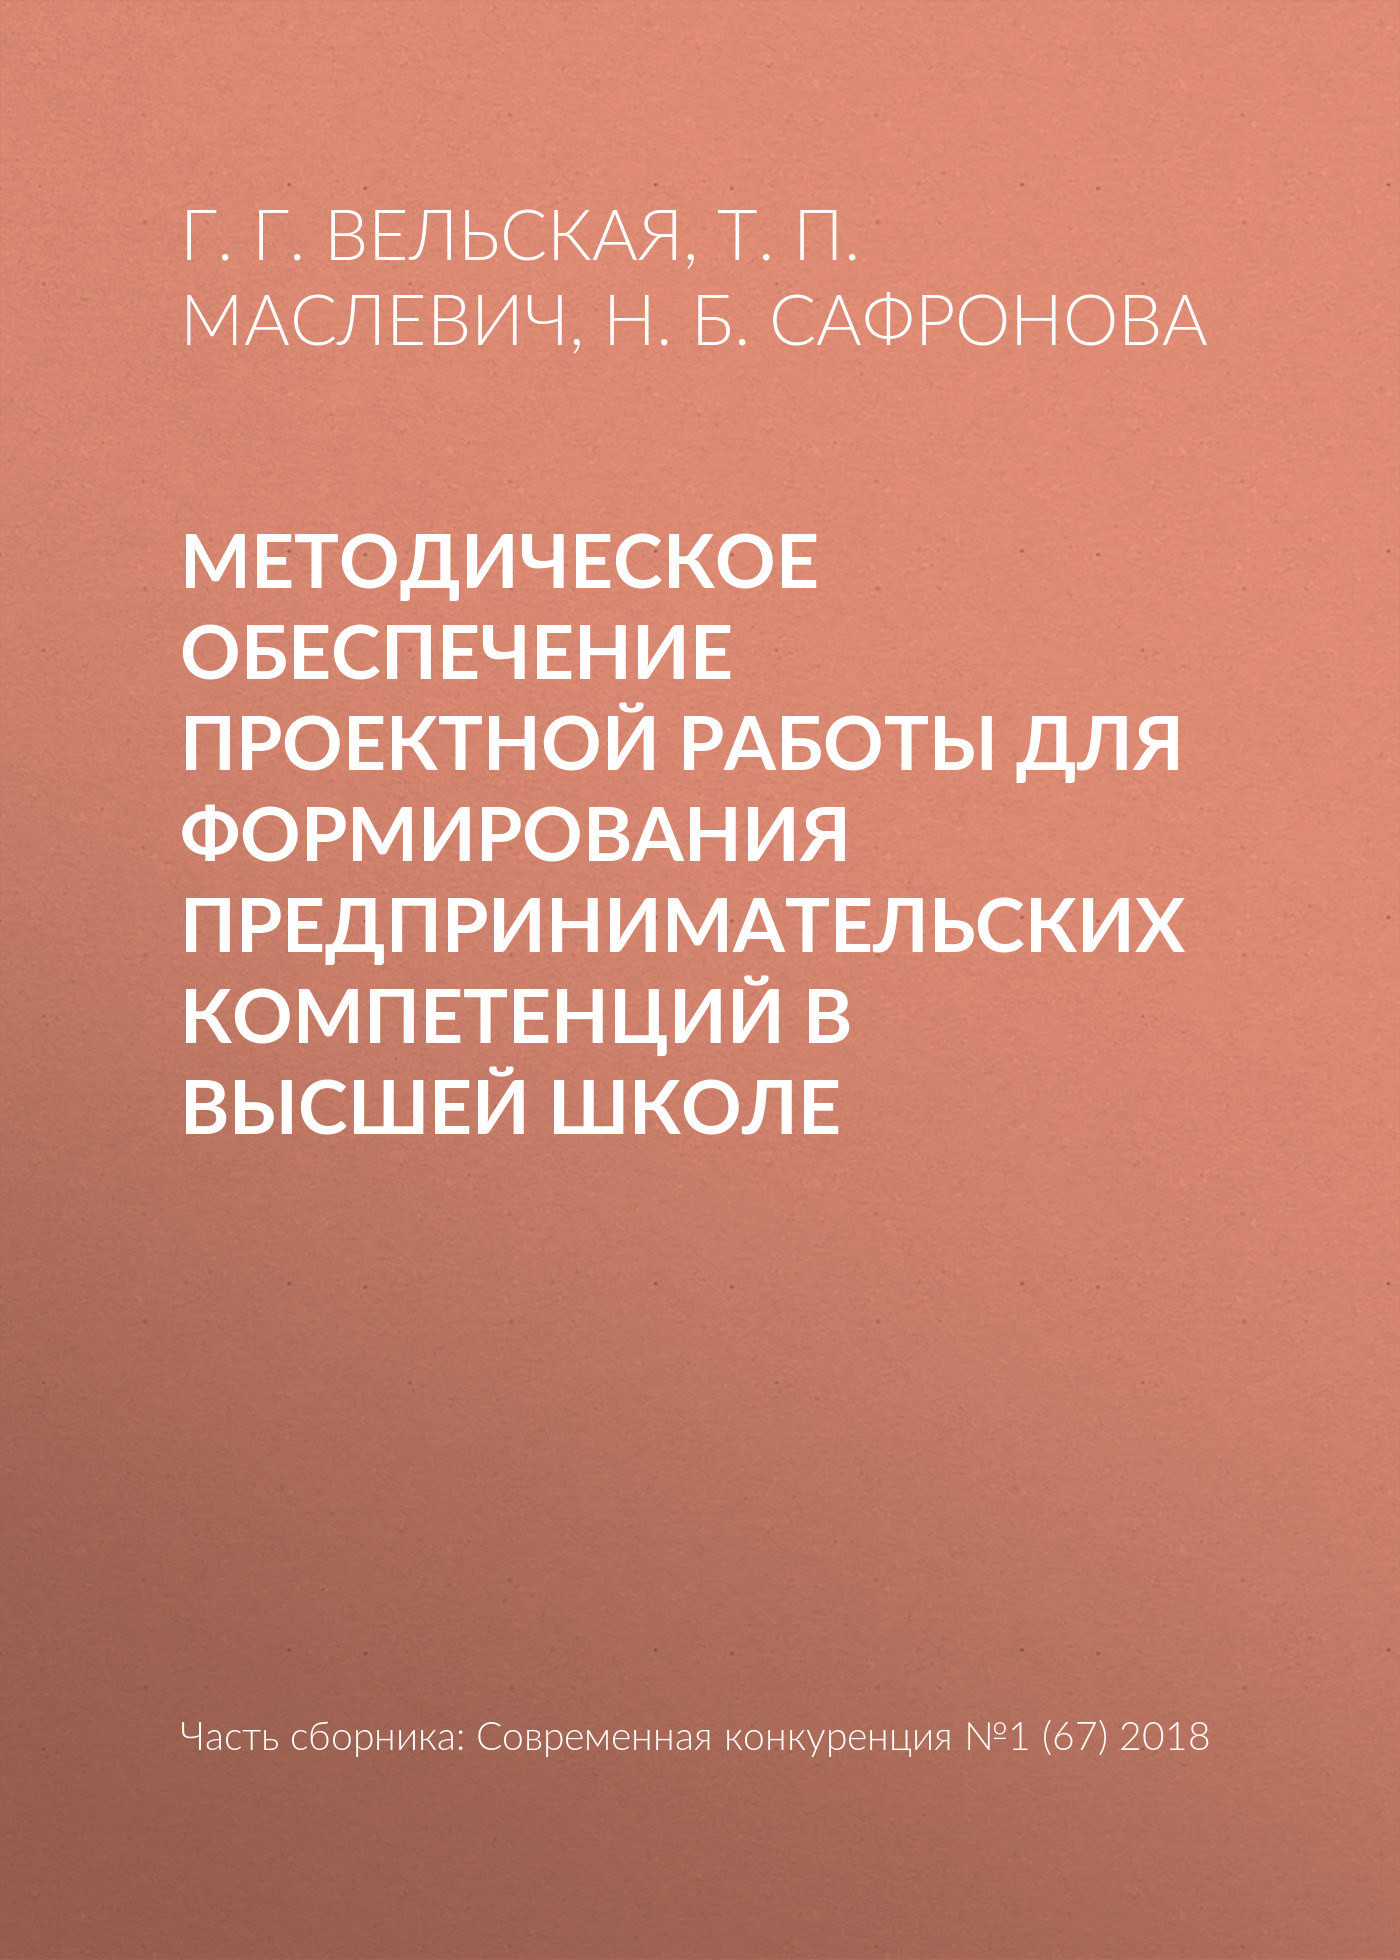 Н. Б. Сафронова бесплатно